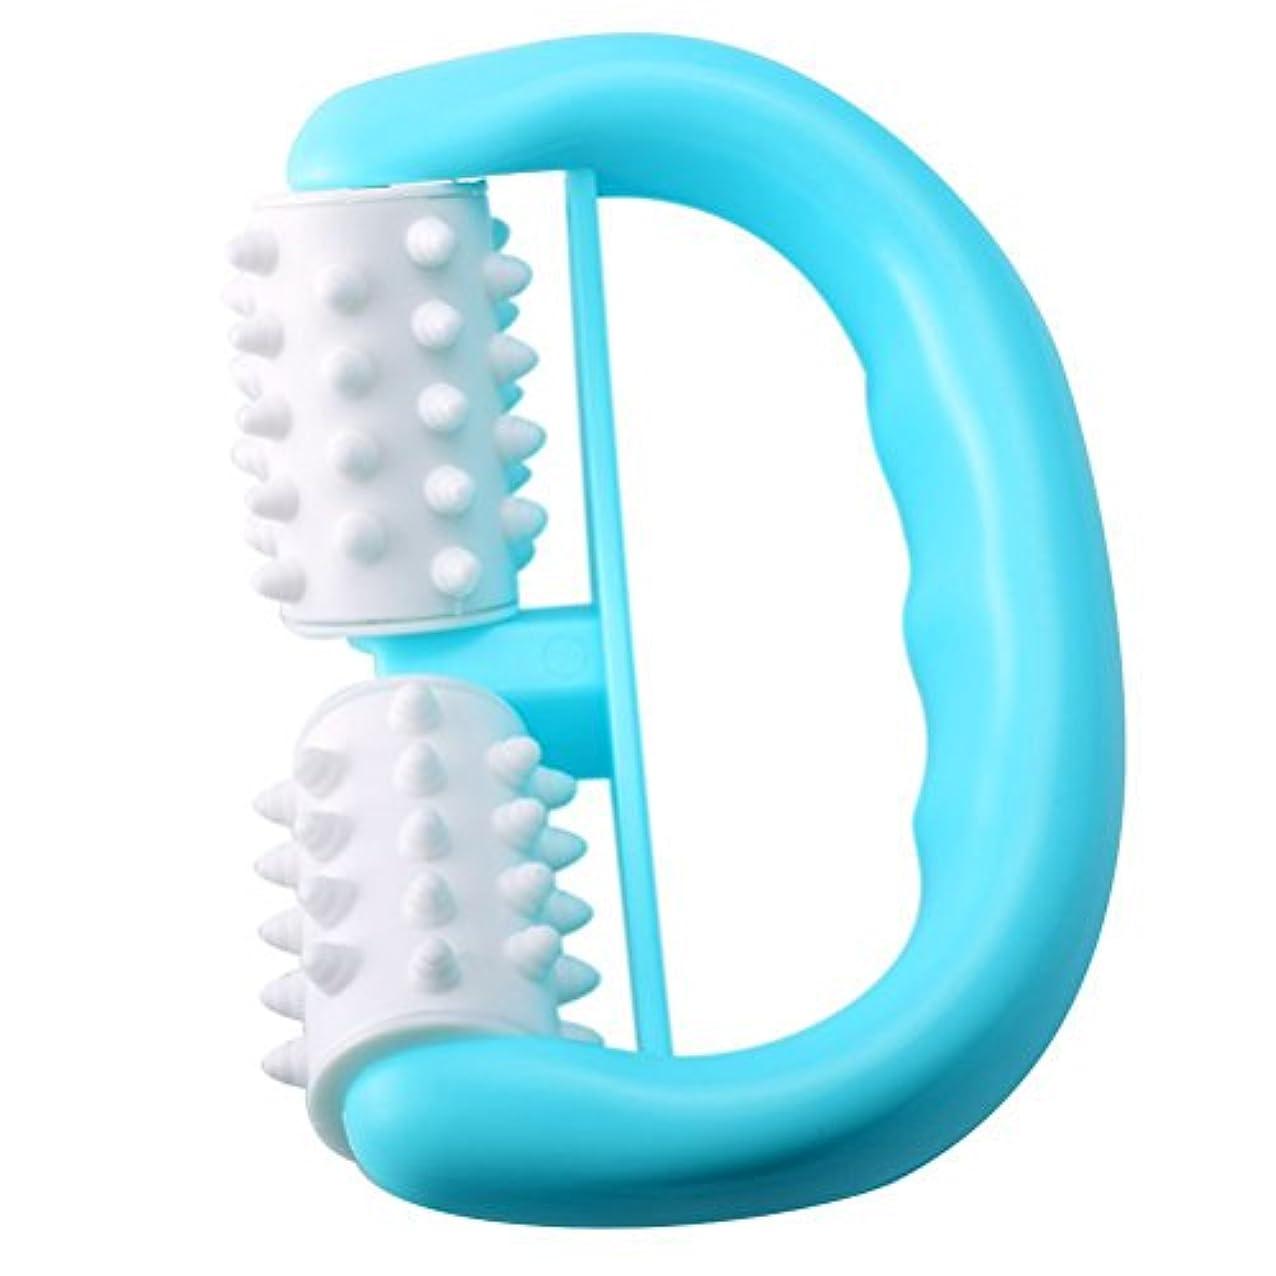 批判的に遺伝子電卓ROSENICE セルライトマッサージャー深部組織筋筋肉解放ツールボディセラピーマッサージファットブラスター(青)